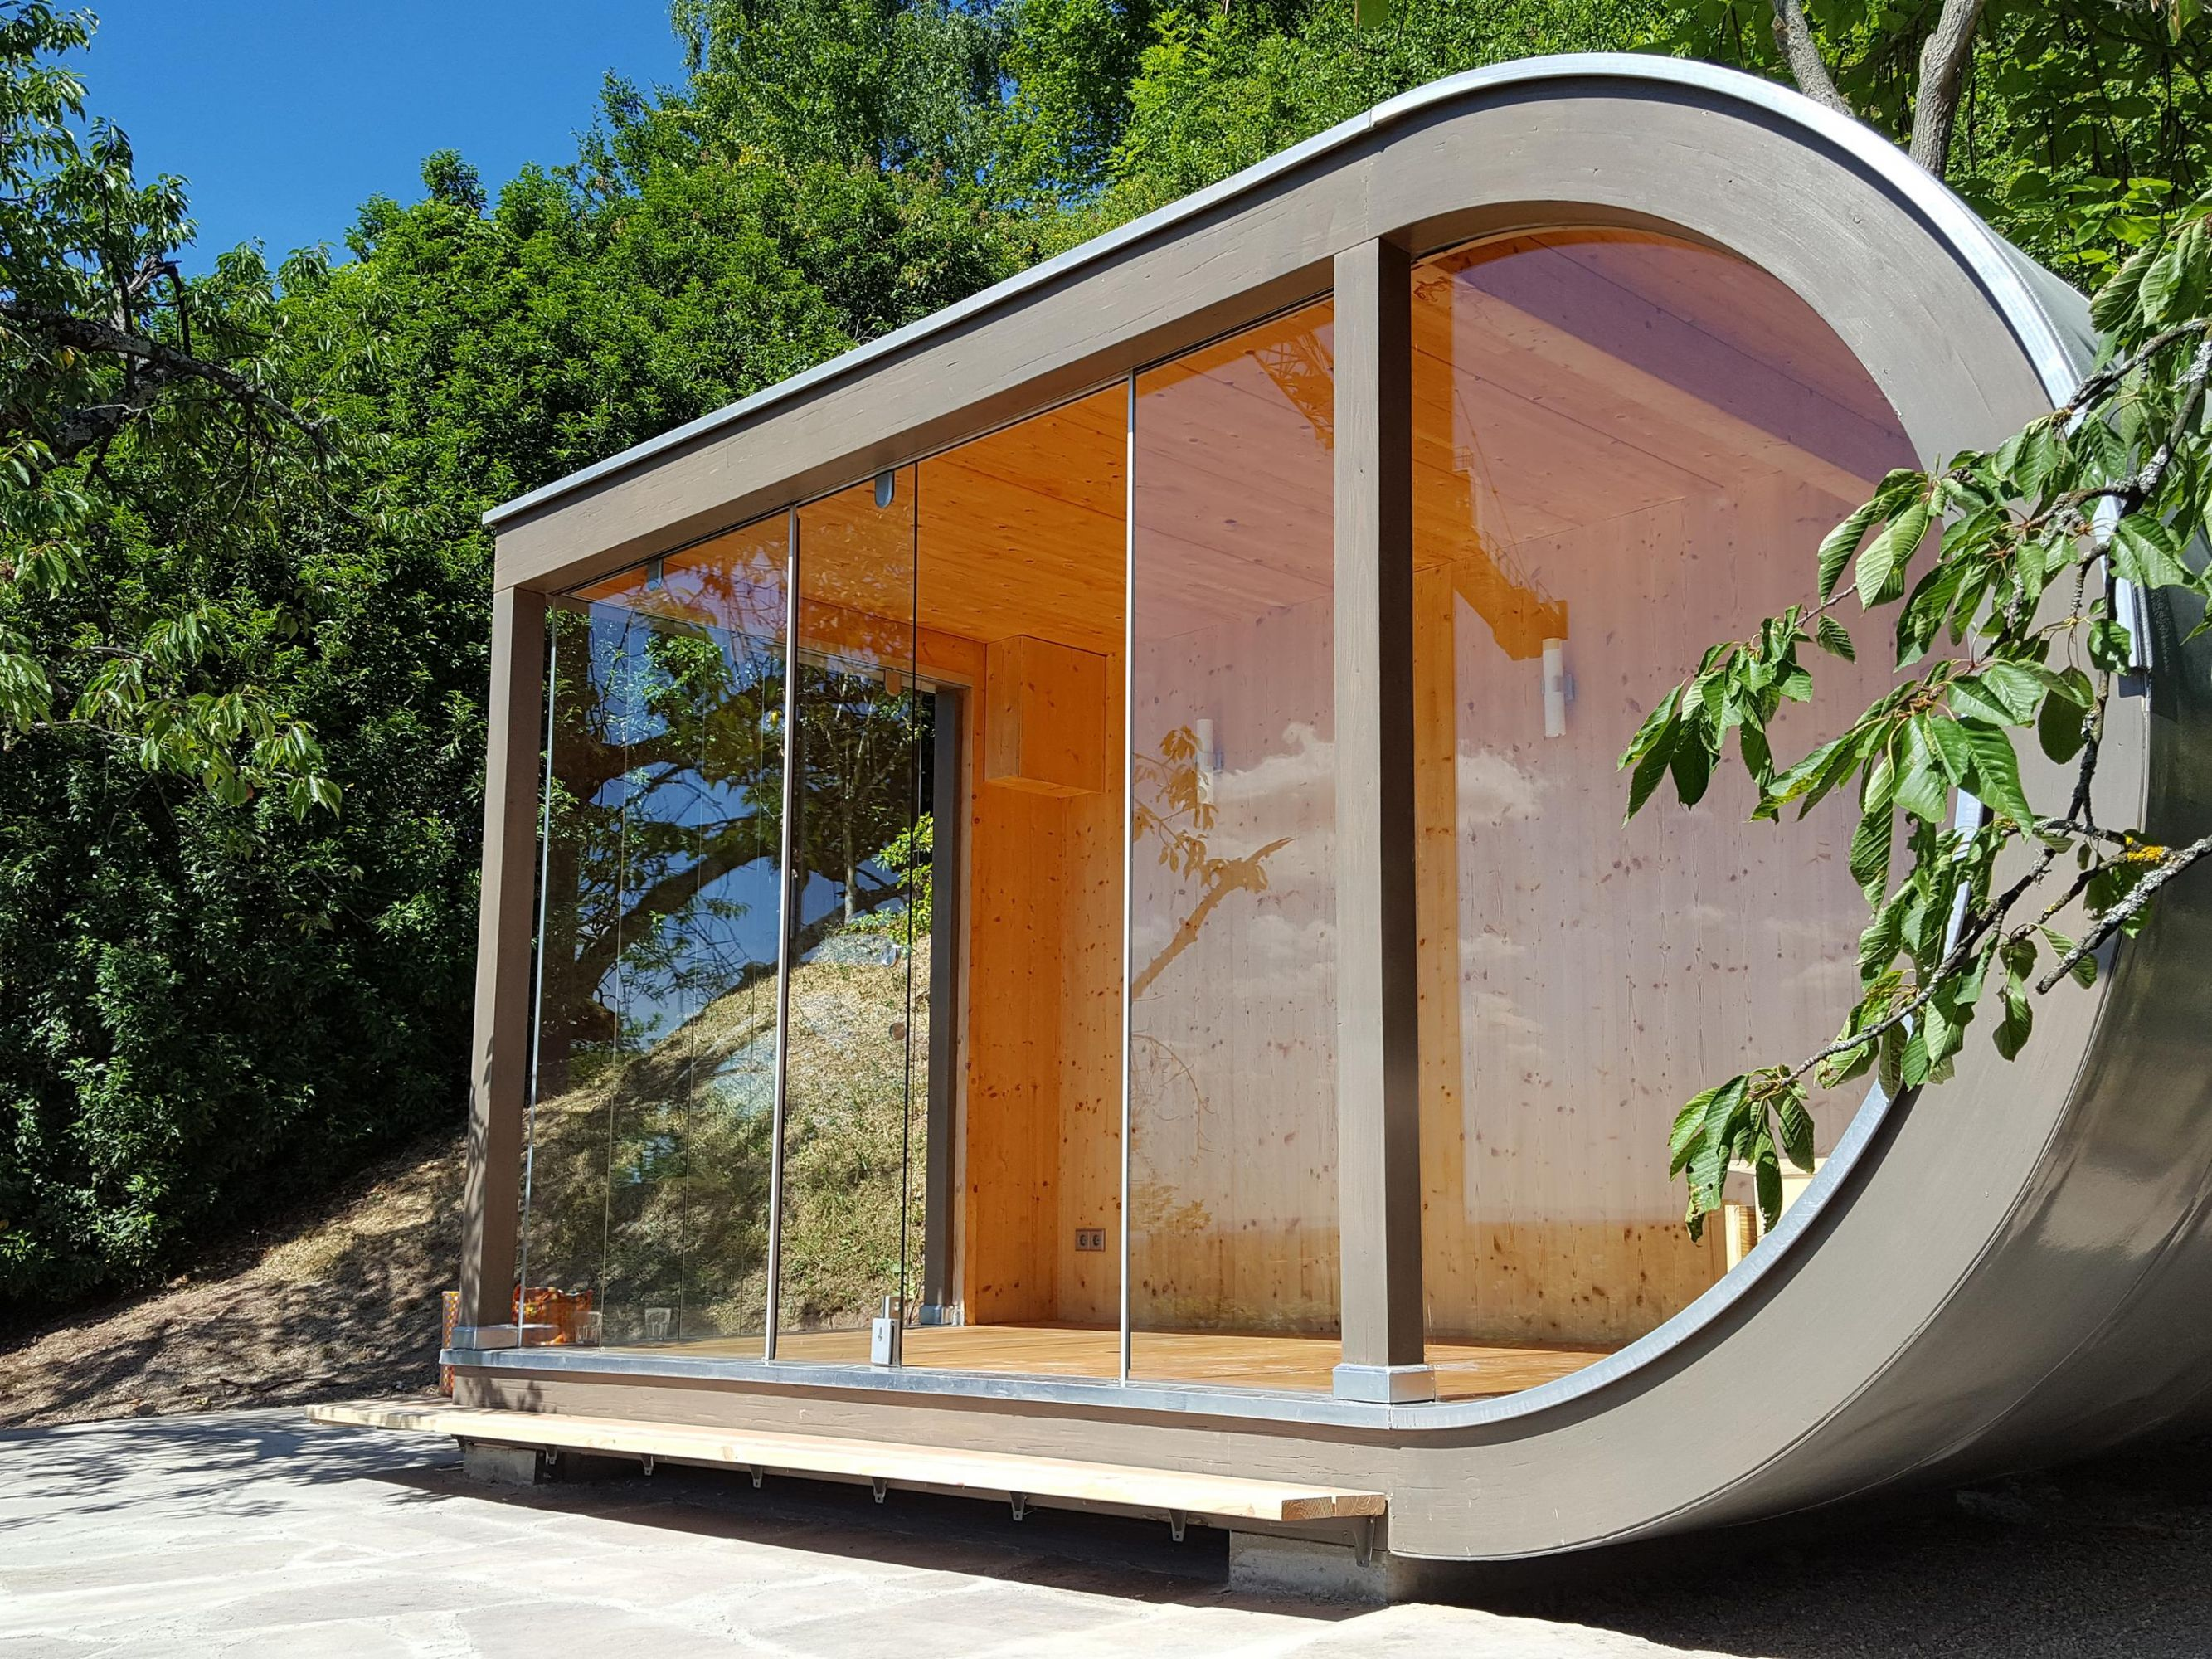 sch nes modernes gartenhaus bei heidelberg werner ettwein gmbh. Black Bedroom Furniture Sets. Home Design Ideas